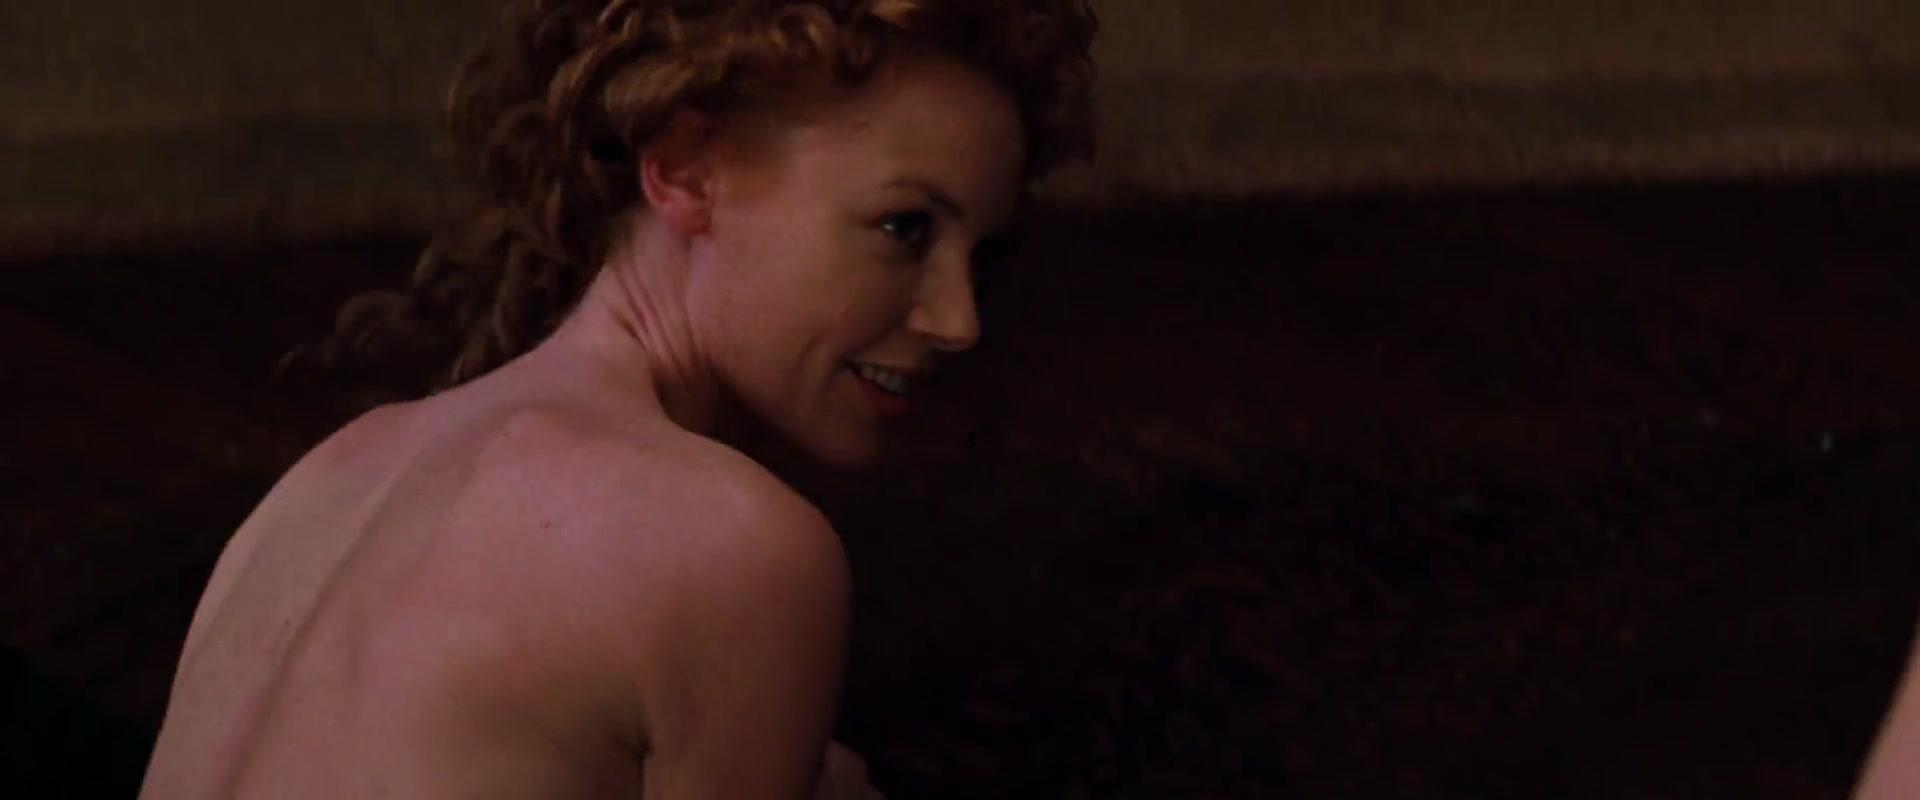 Charlize Theron sexy scene in The Devil s Advocate